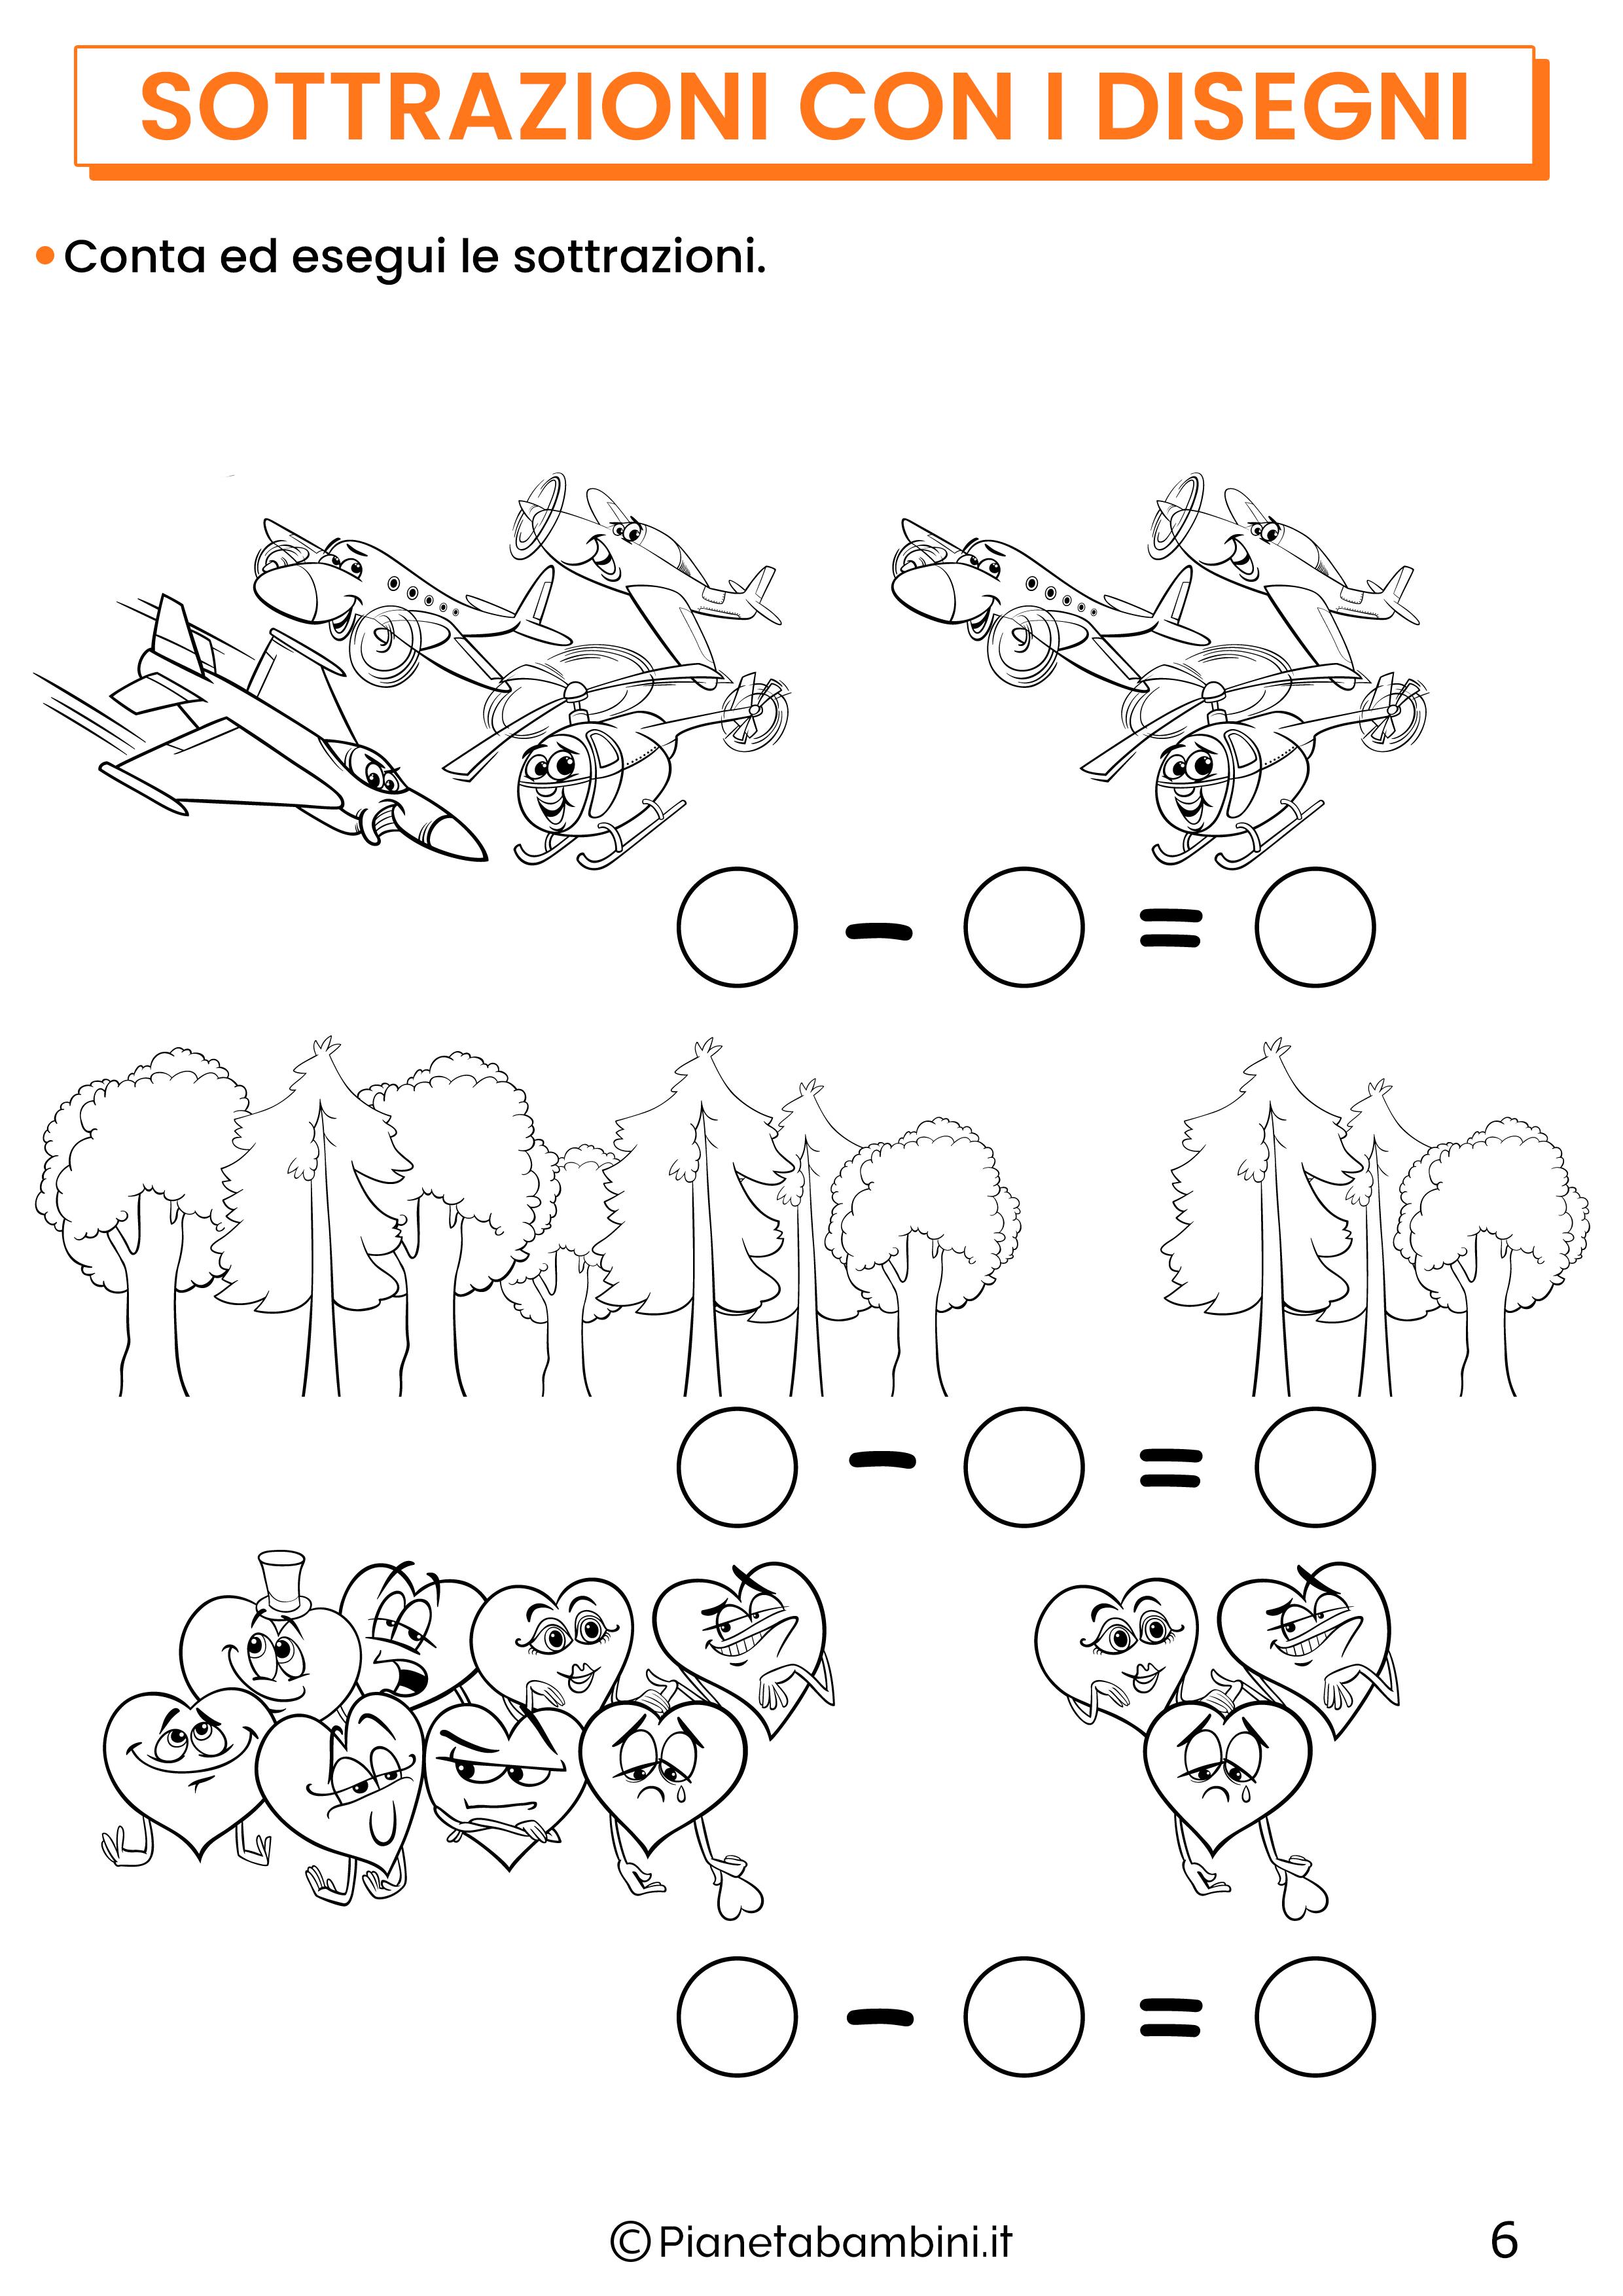 Sottrazioni con disegni per la classe prima pagina 6